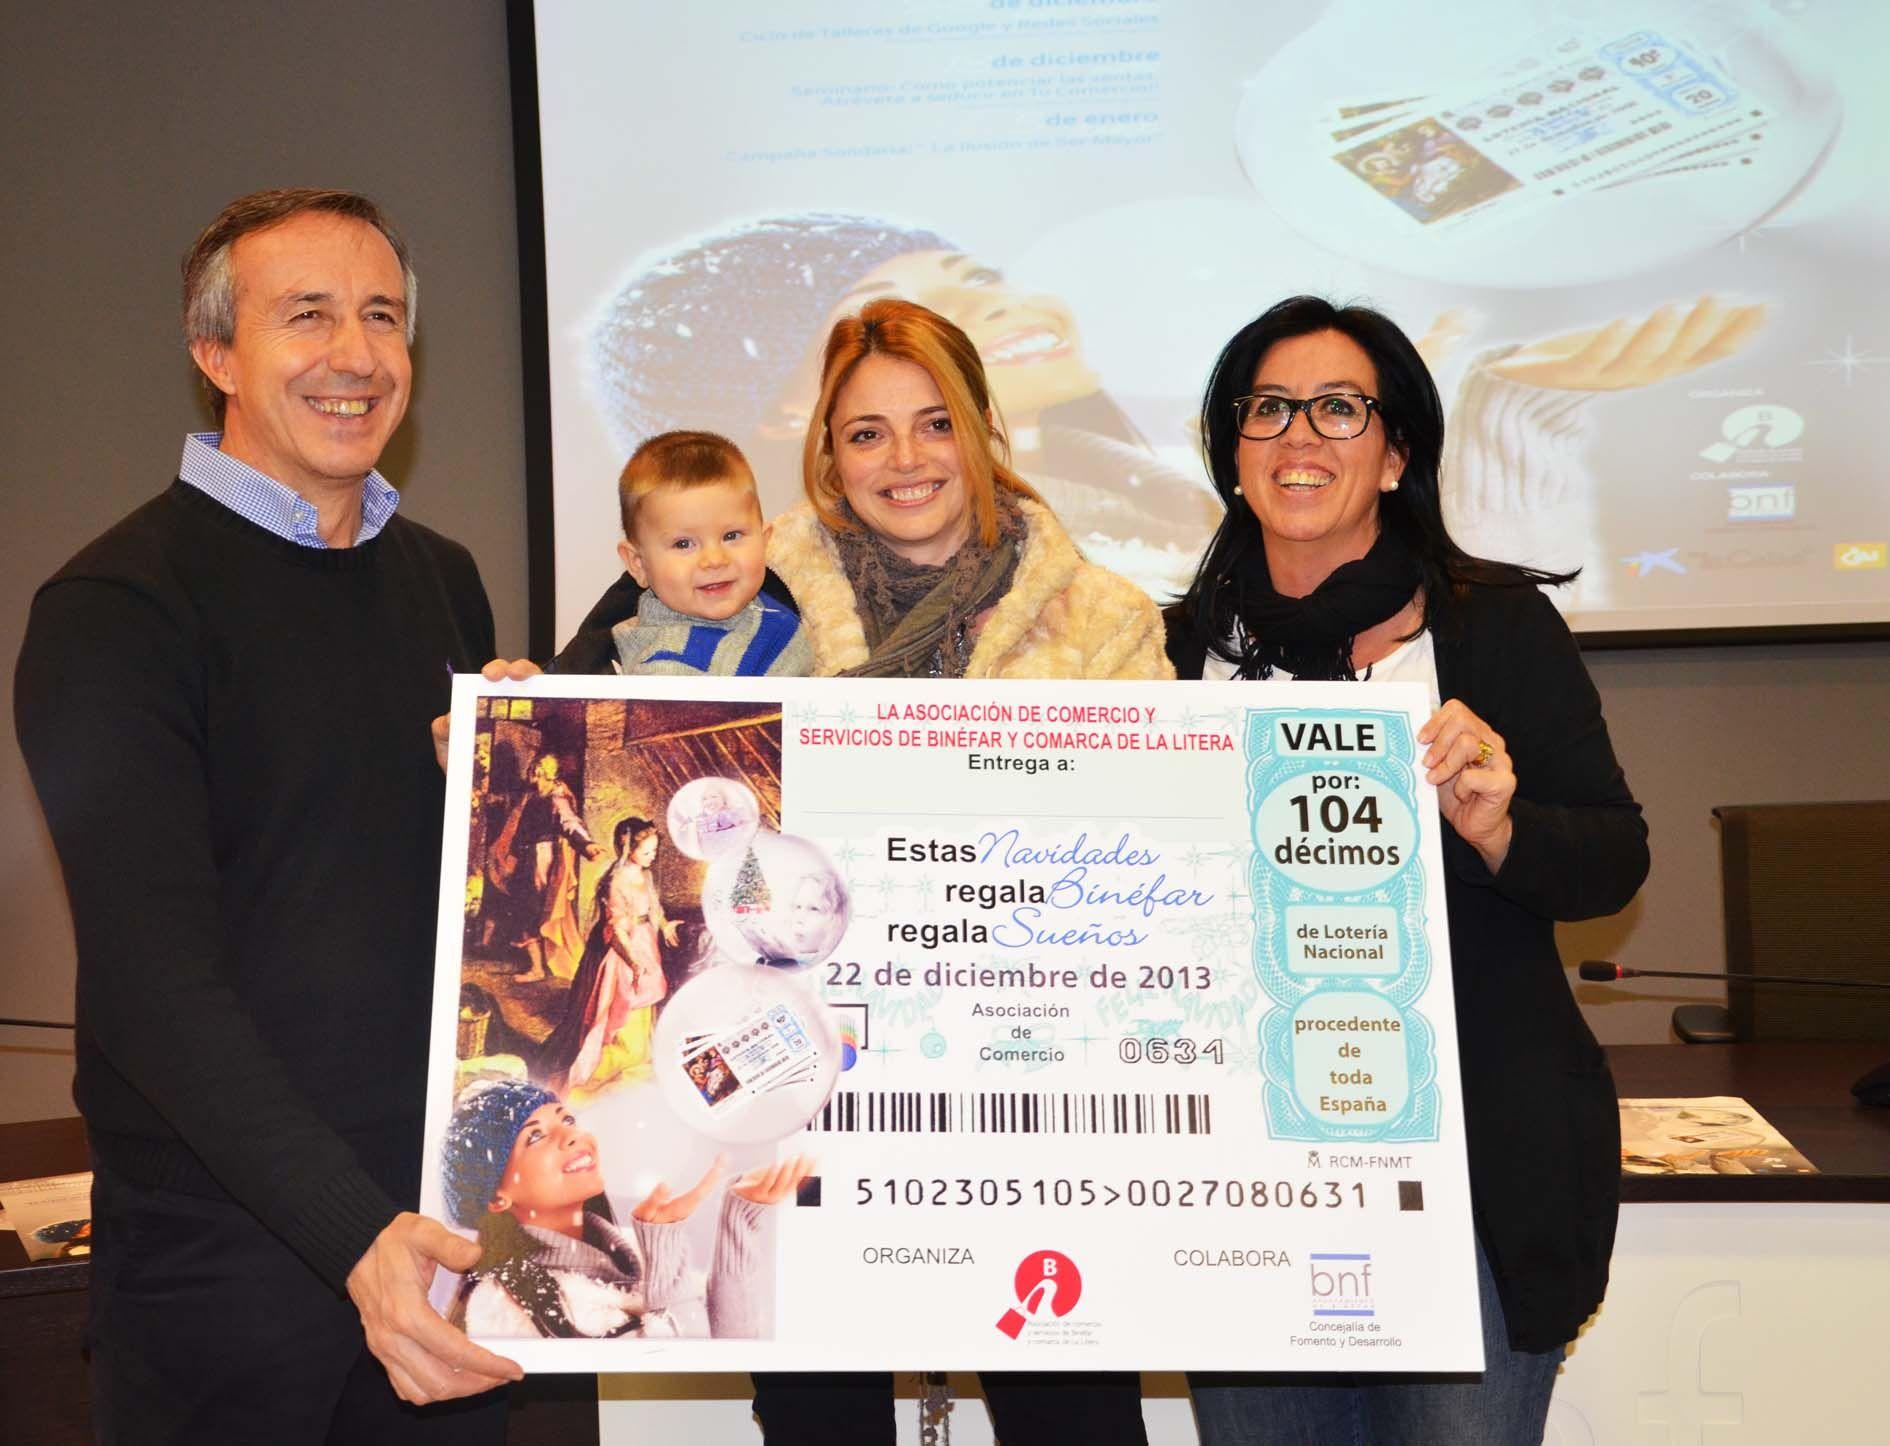 Alicia Sáinz, ganadora de los 104 décimos de lotería para el sorteo de Navidad